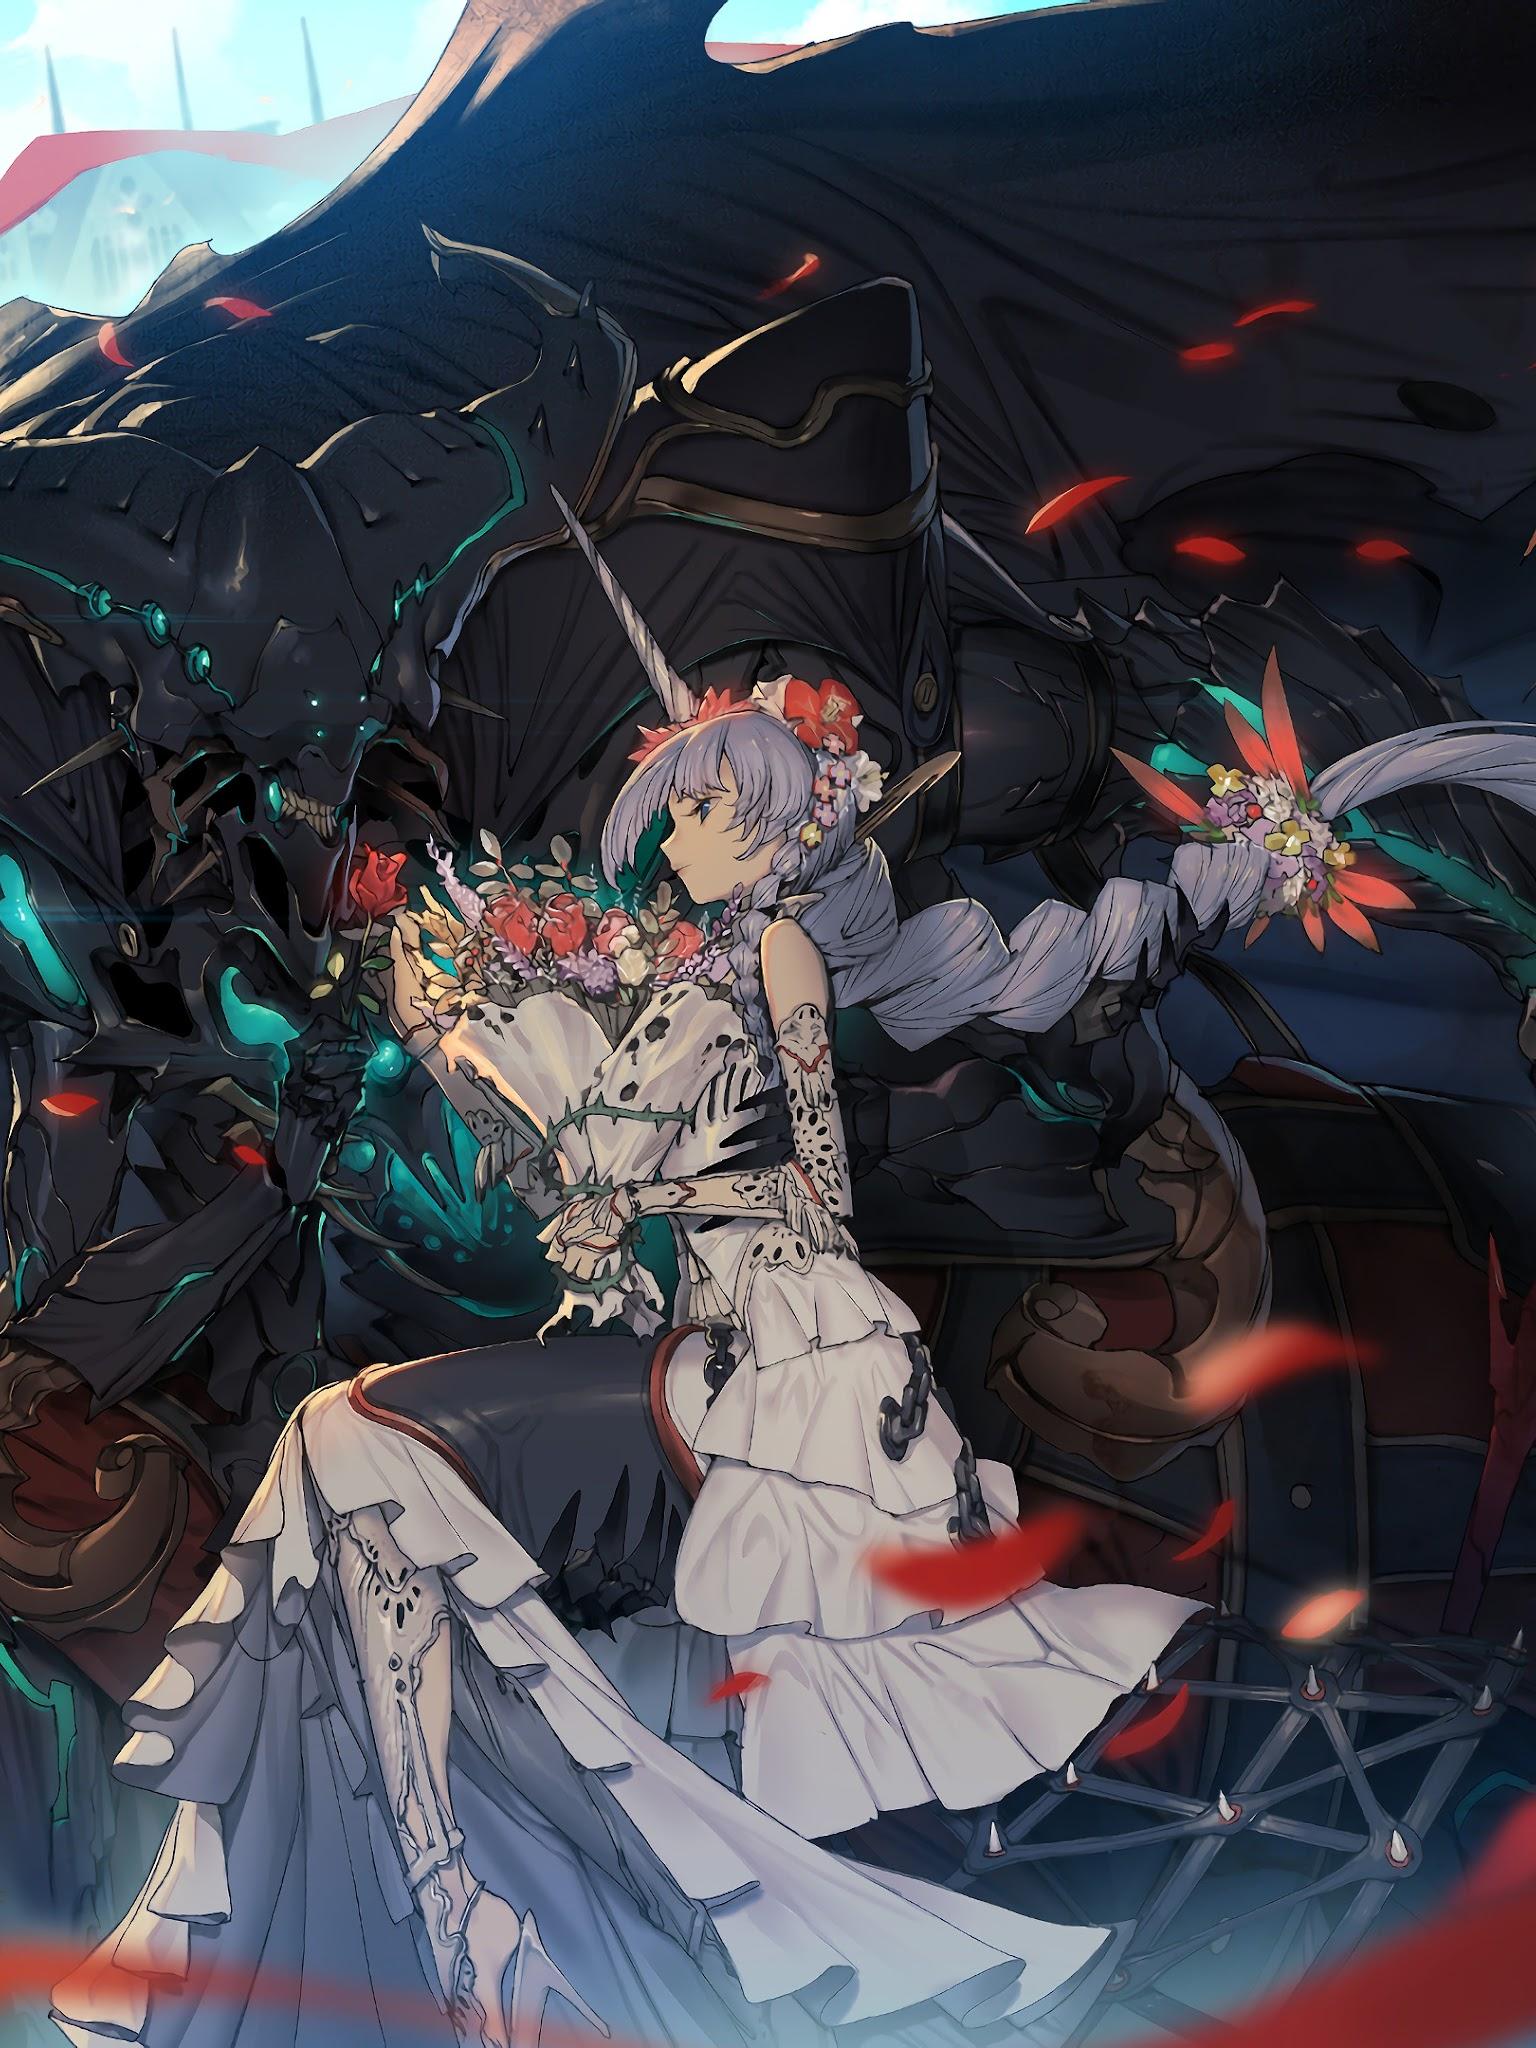 Anime Fantasy Girl 4k 3840x2160 Wallpaper 51